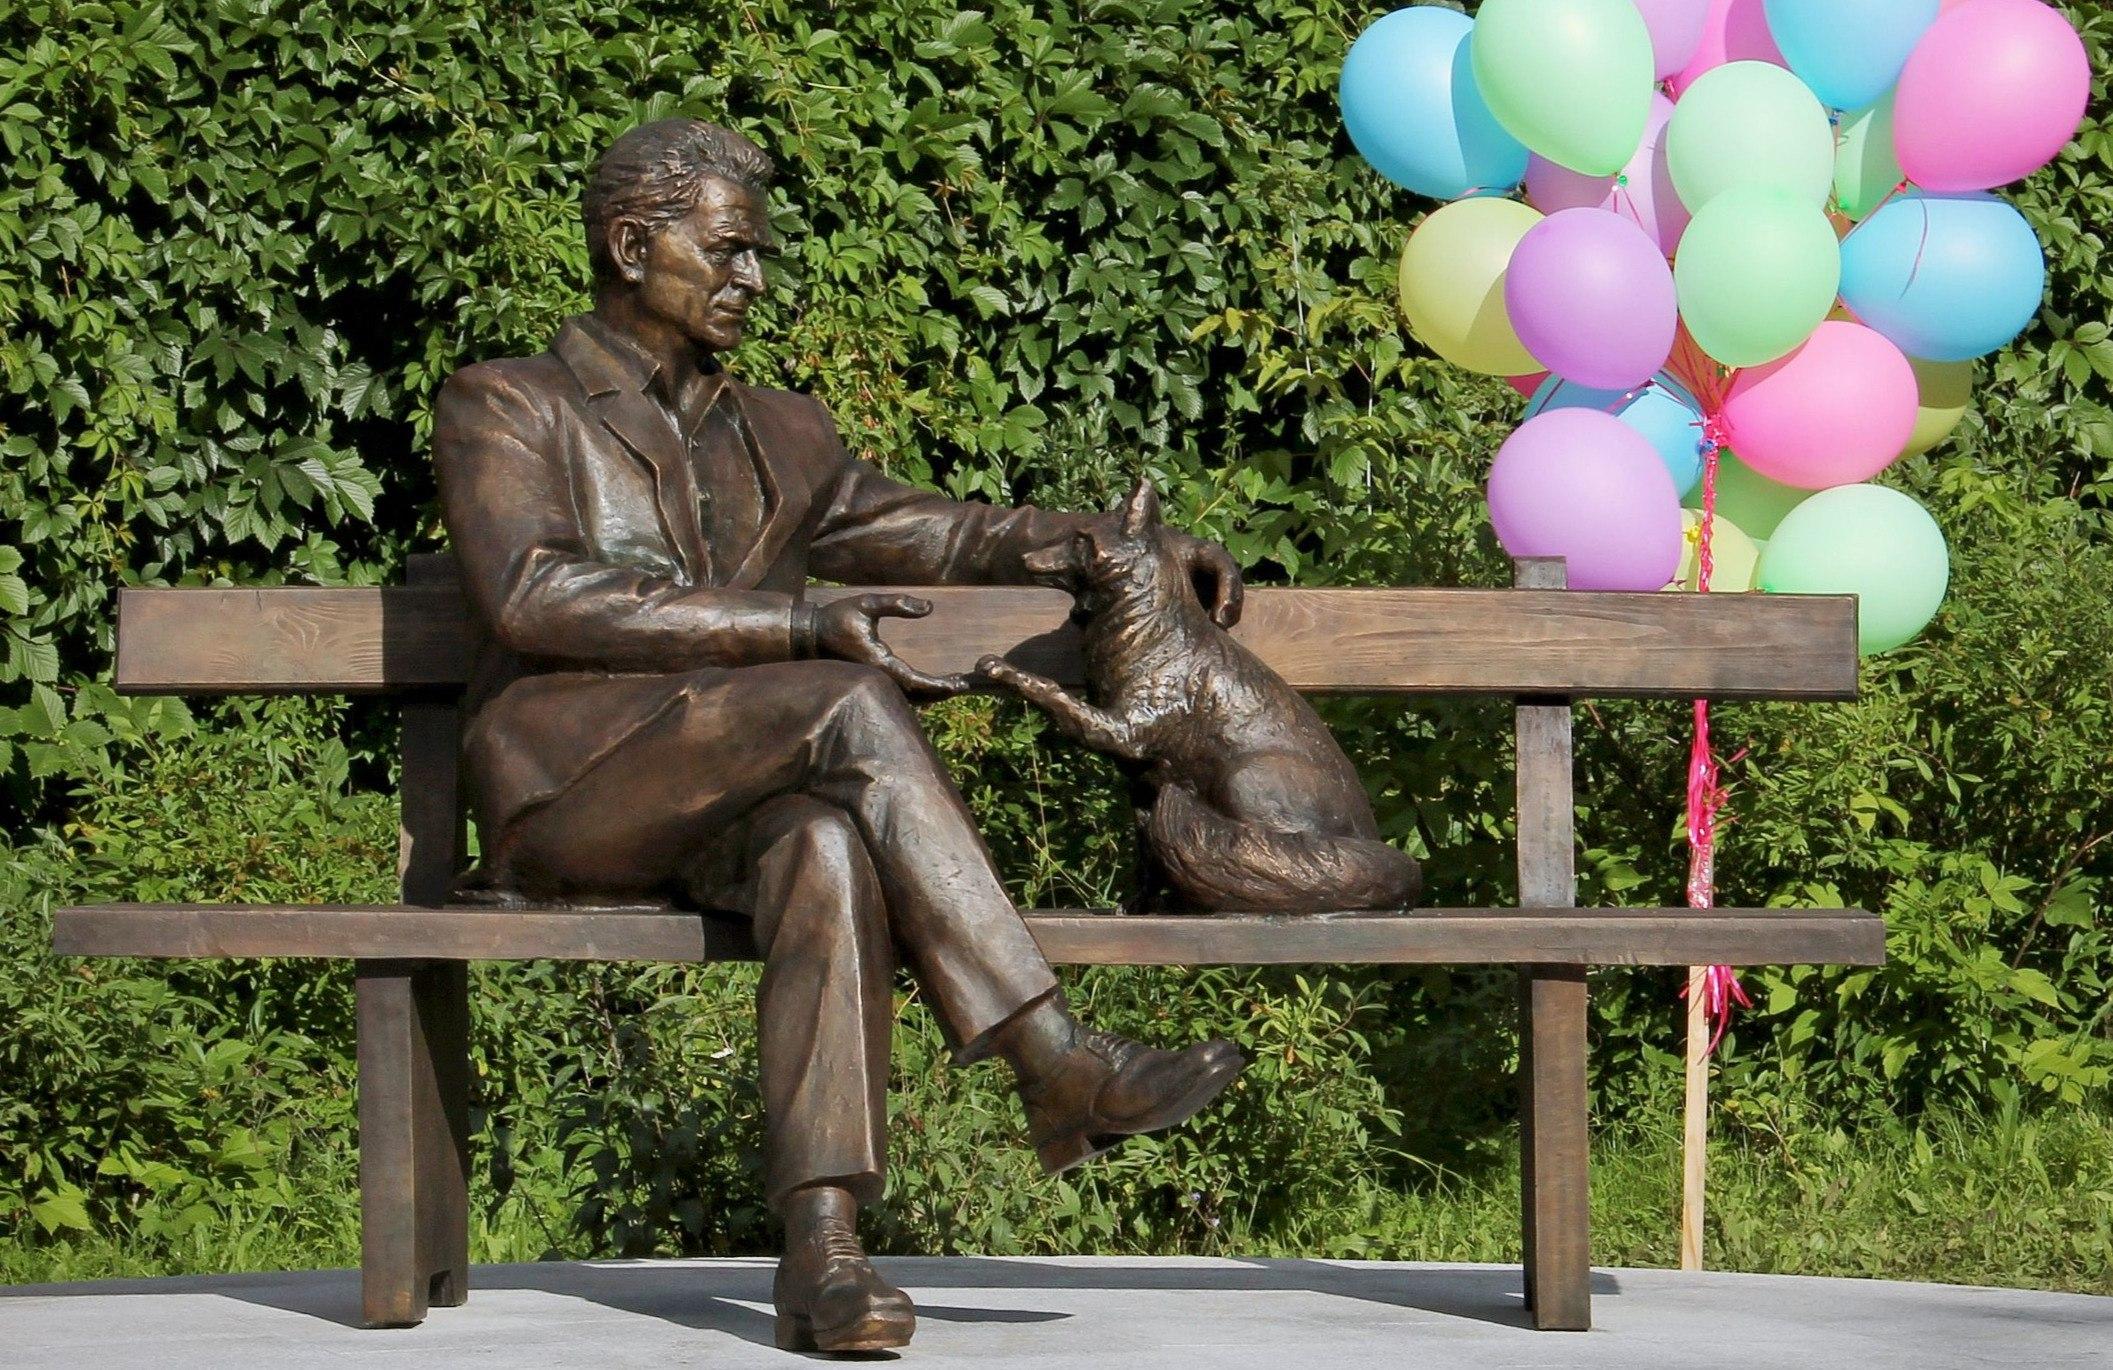 В Новосибирске установили памятник генетику Дмитрию Беляеву с одомашненной лисицей